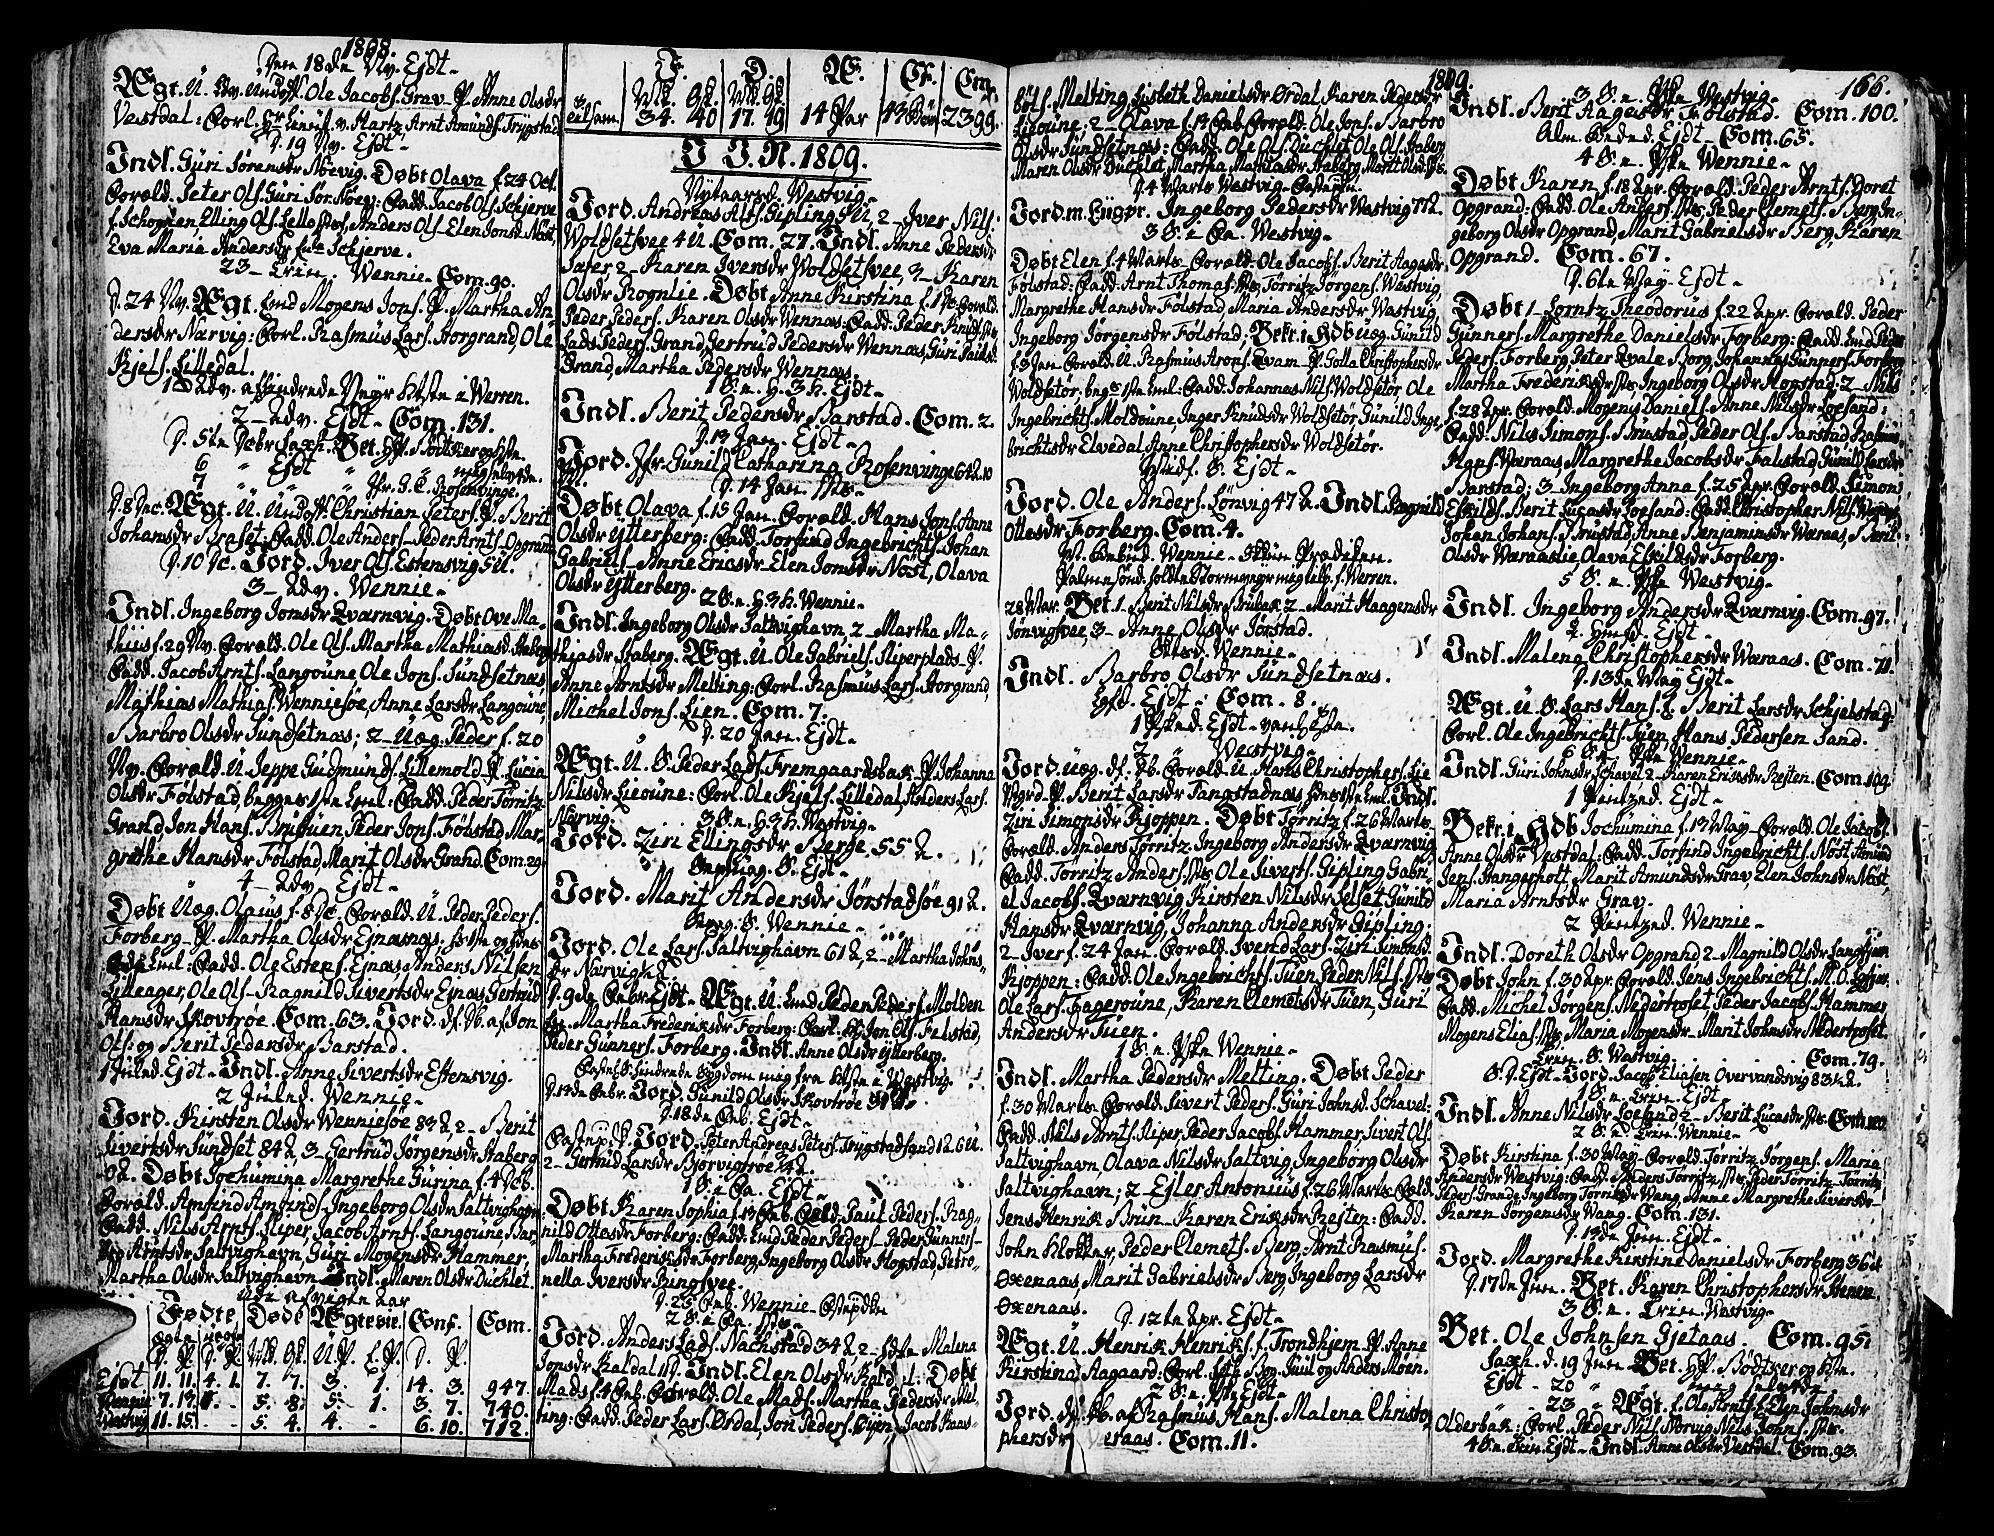 SAT, Ministerialprotokoller, klokkerbøker og fødselsregistre - Nord-Trøndelag, 722/L0216: Ministerialbok nr. 722A03, 1756-1816, s. 166